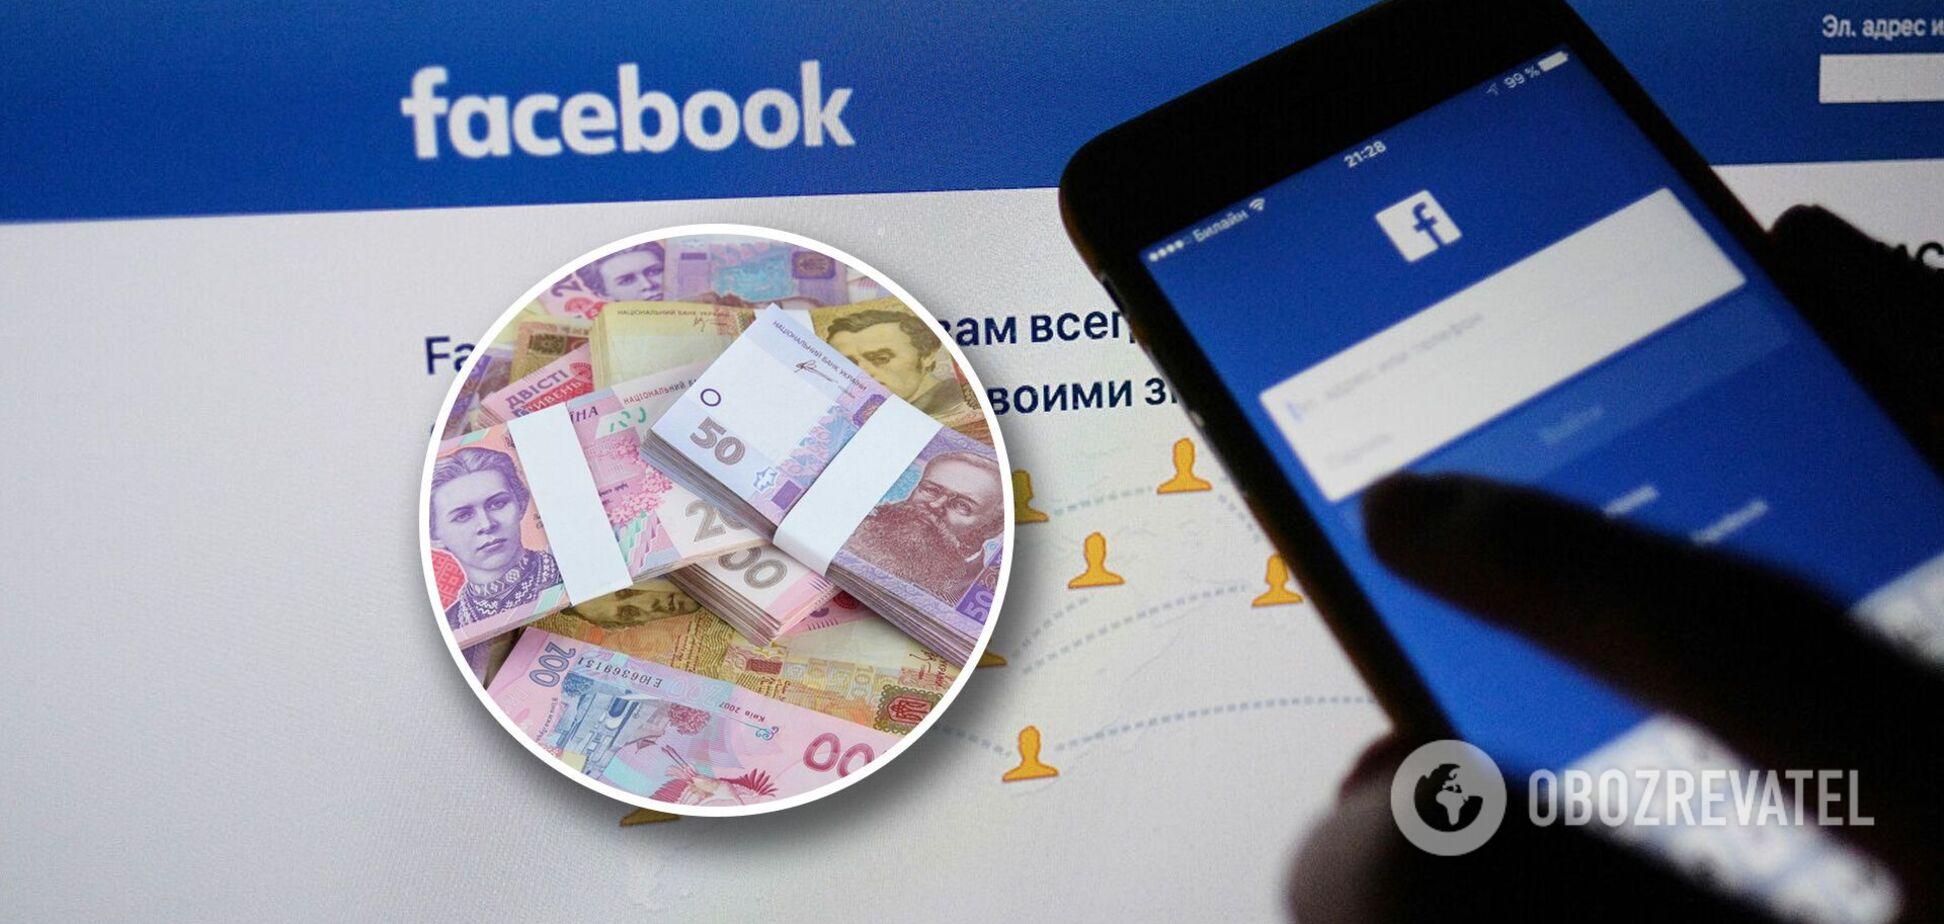 Заплатимо 3000 грн за оренду сторінки в Facebook: хто і навіщо збирає акаунти українців